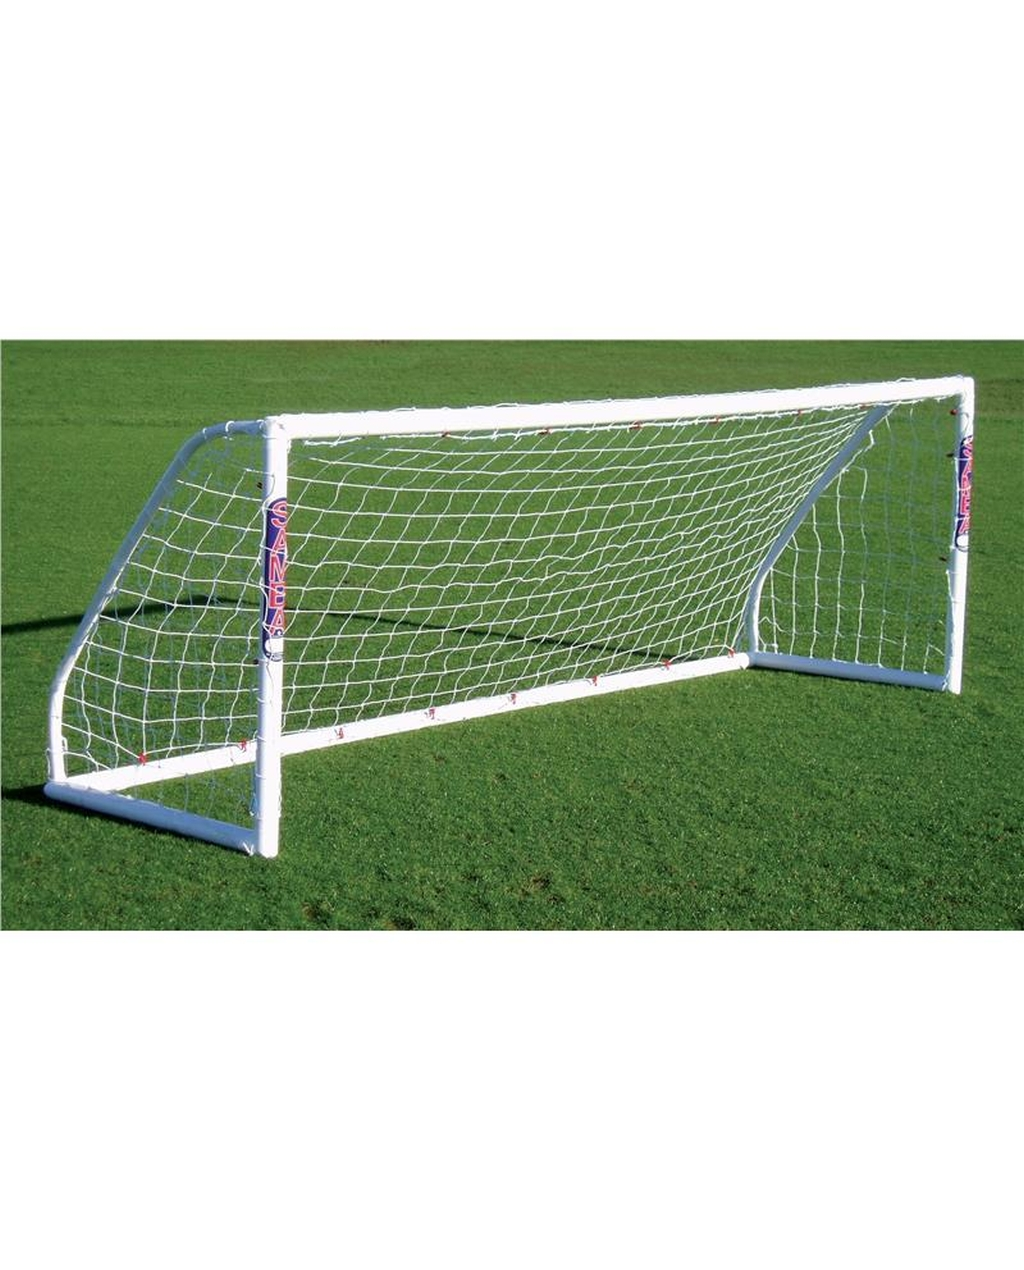 Samba Match Goal with UPVC Corners 12ft x 4ft